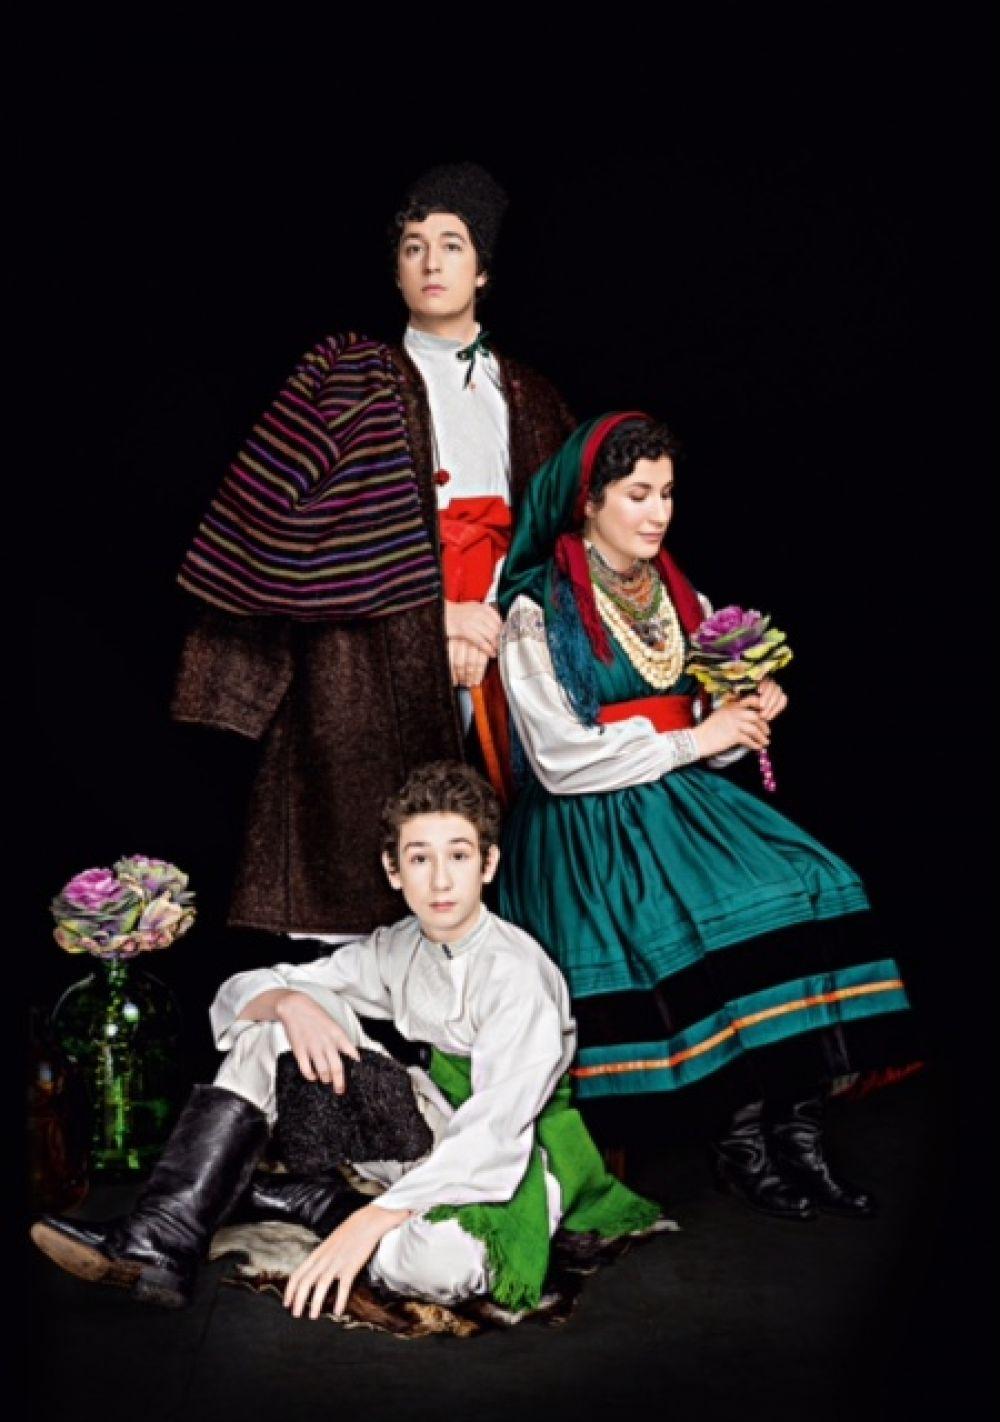 Семья Дмитрия Шурова колоритно выглядит в украинских нарядах